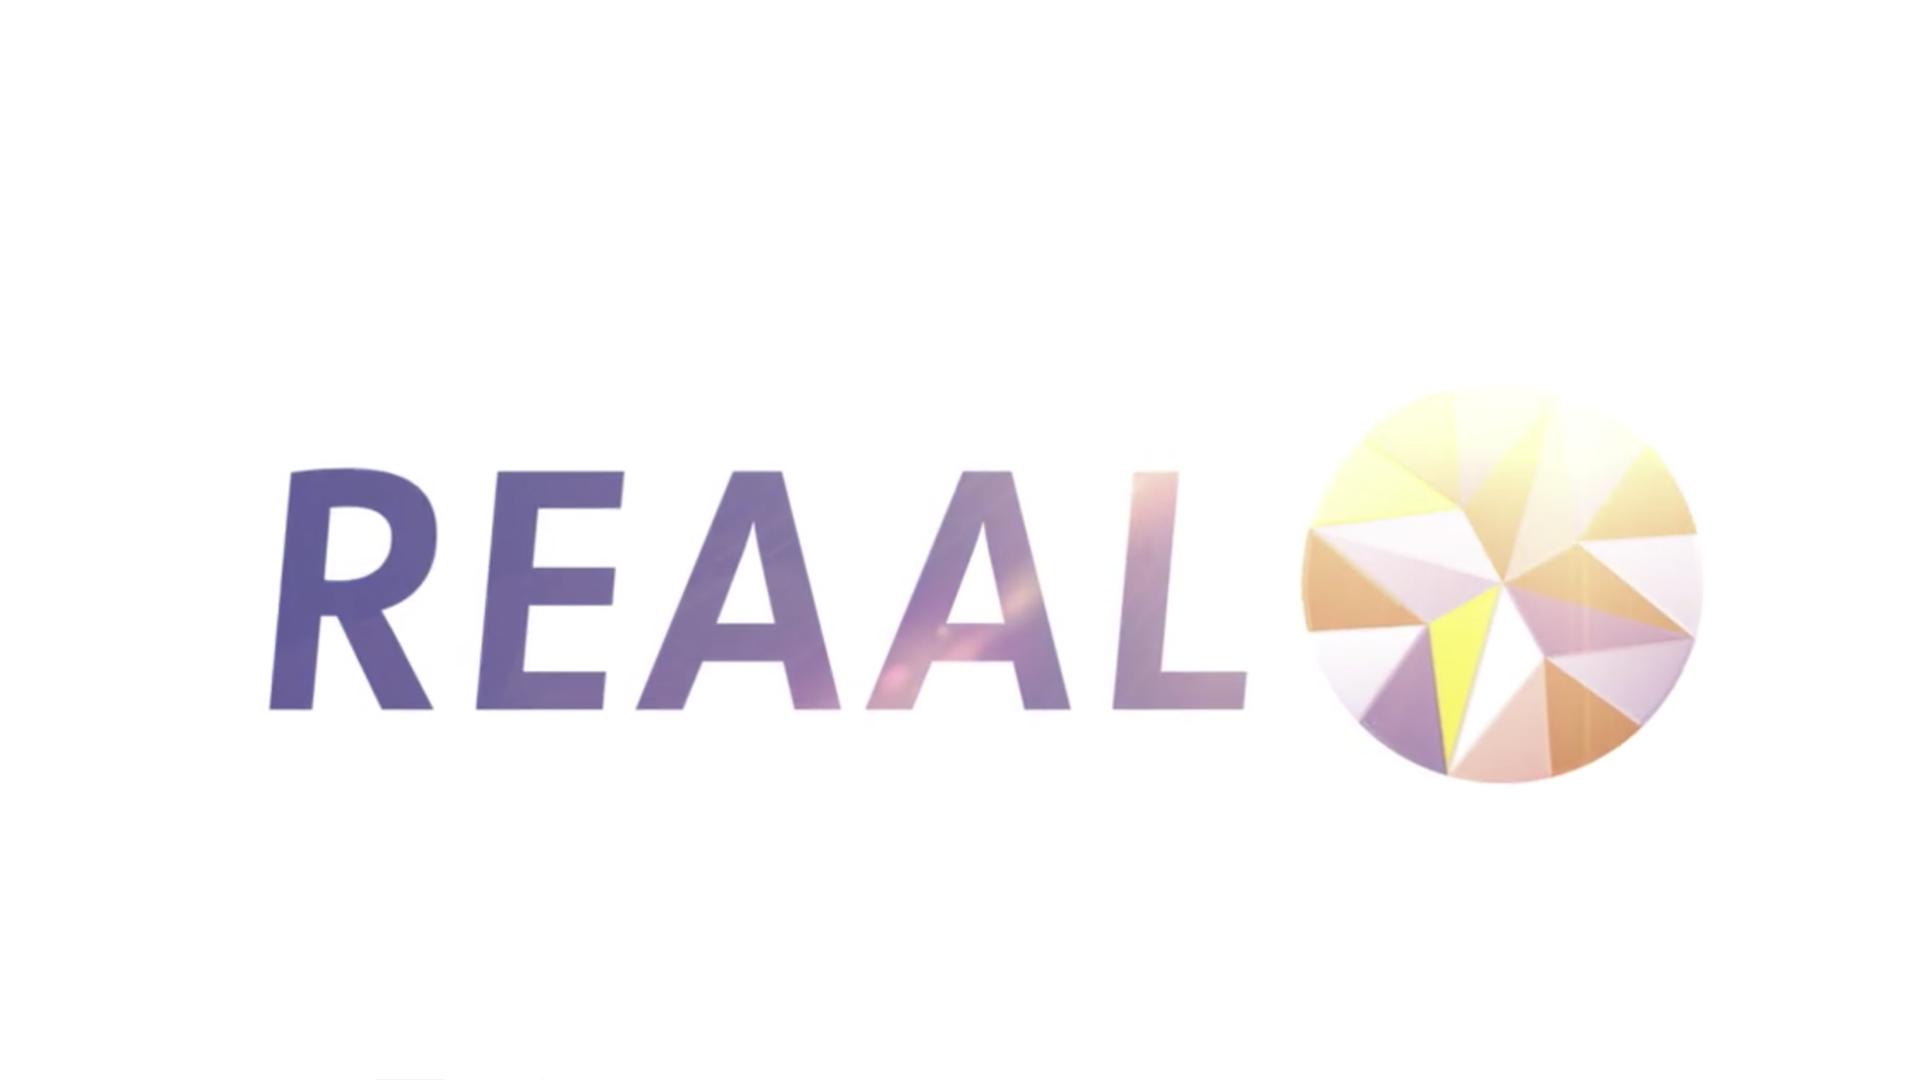 Reaal_VID-thumb01.jpg